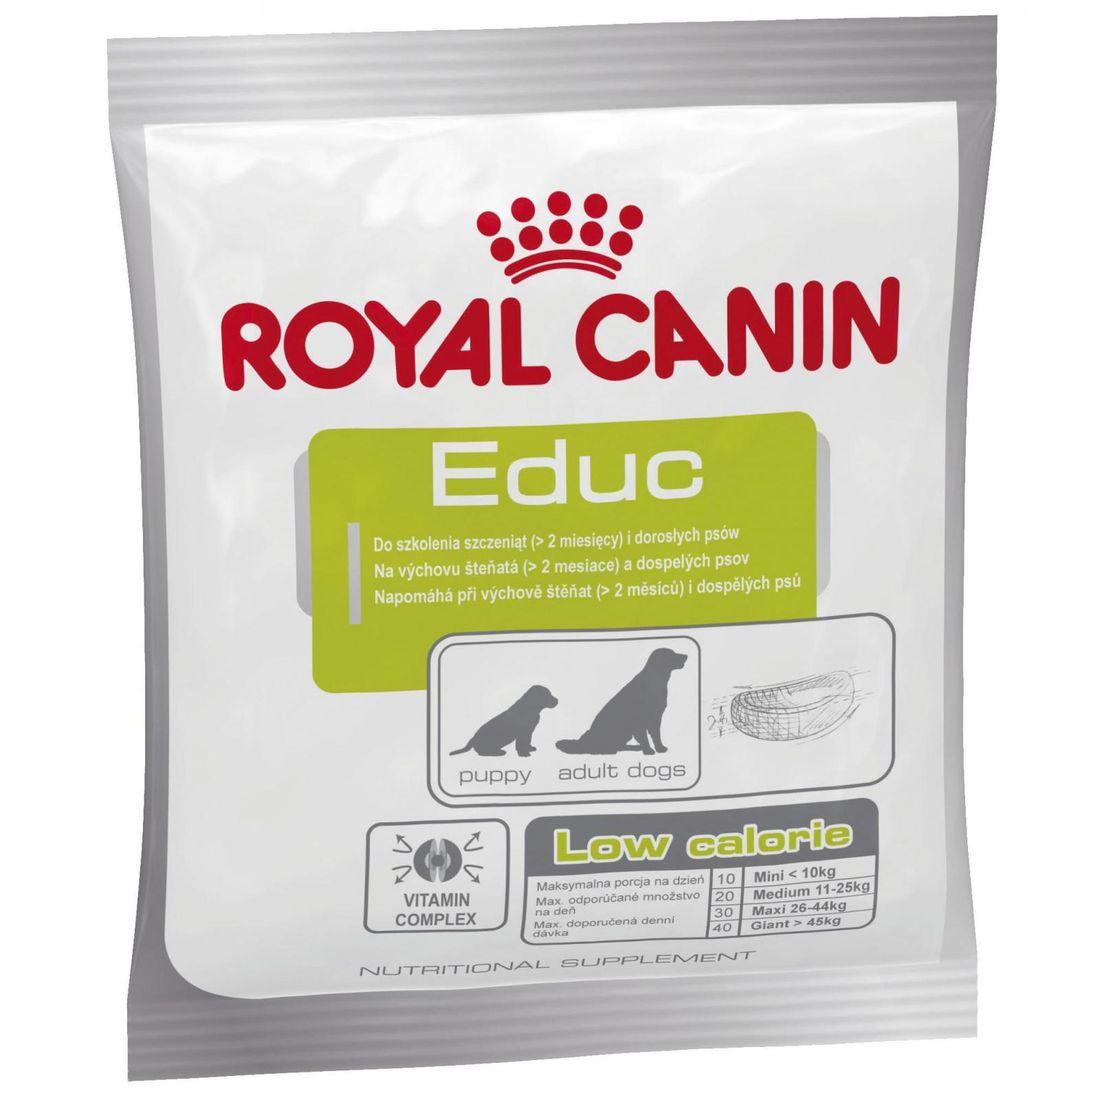 Royal Canin pamlsek EDUC - 50g